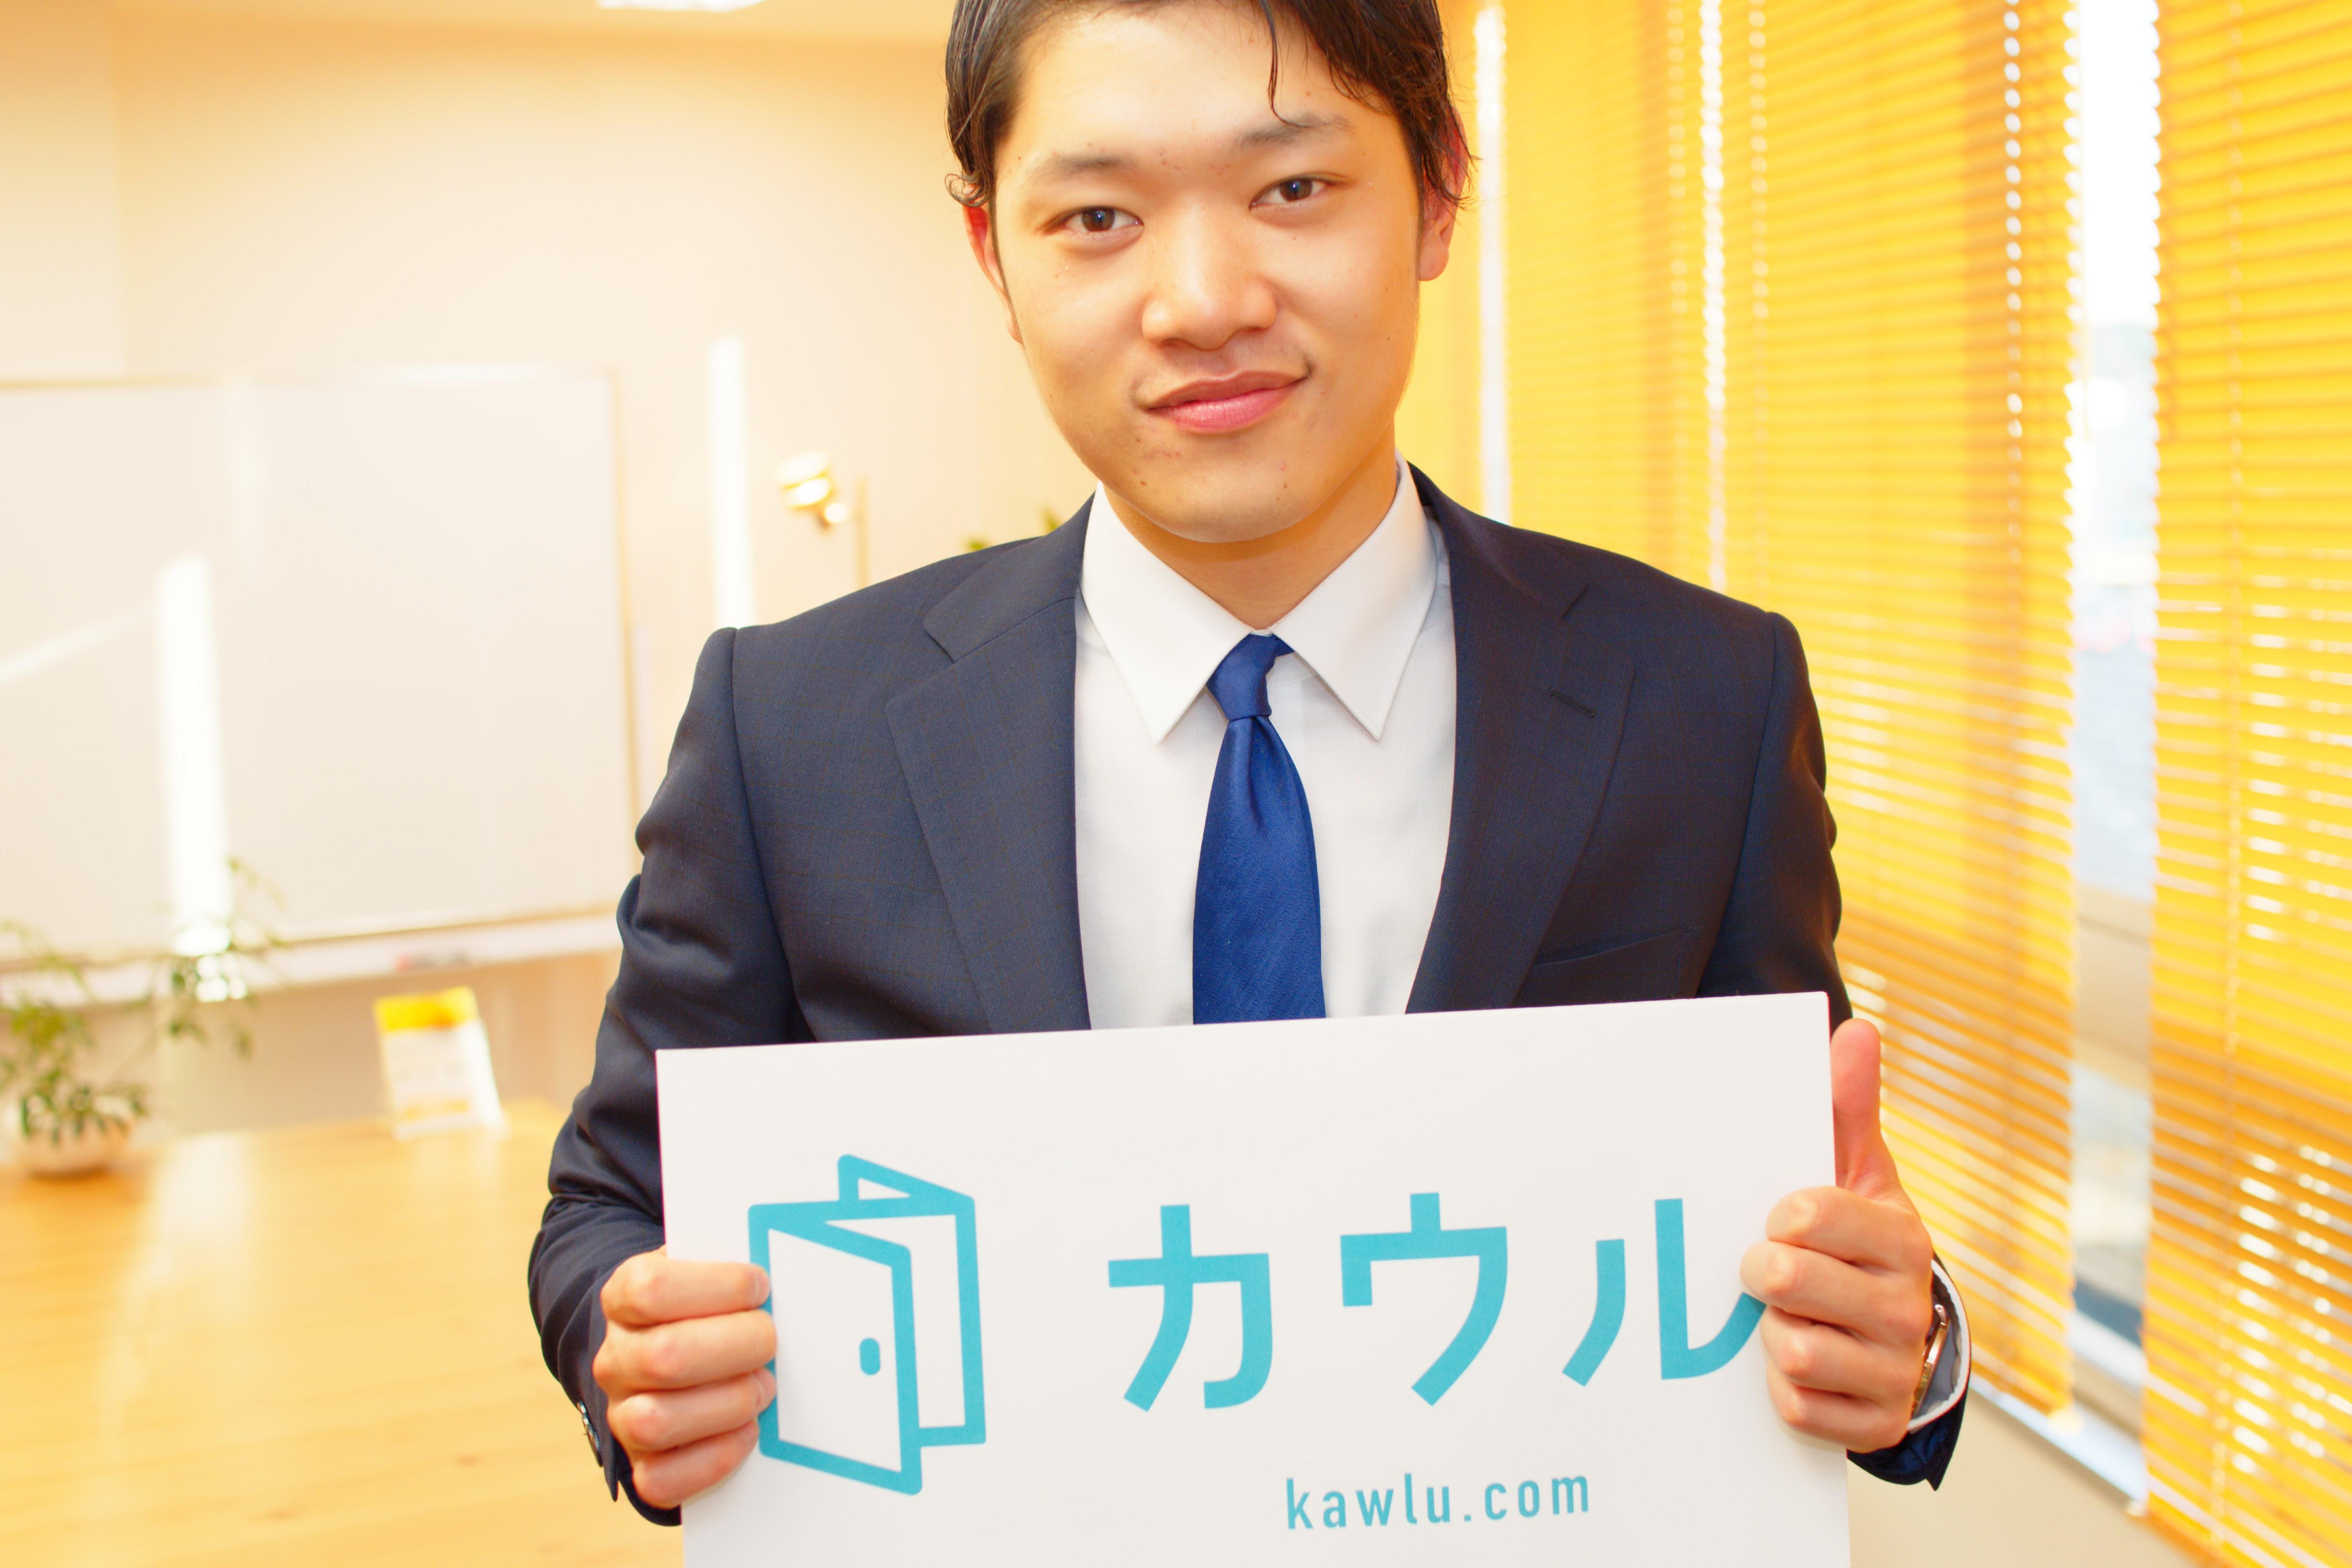 石橋 優太朗:社員紹介インタビュー